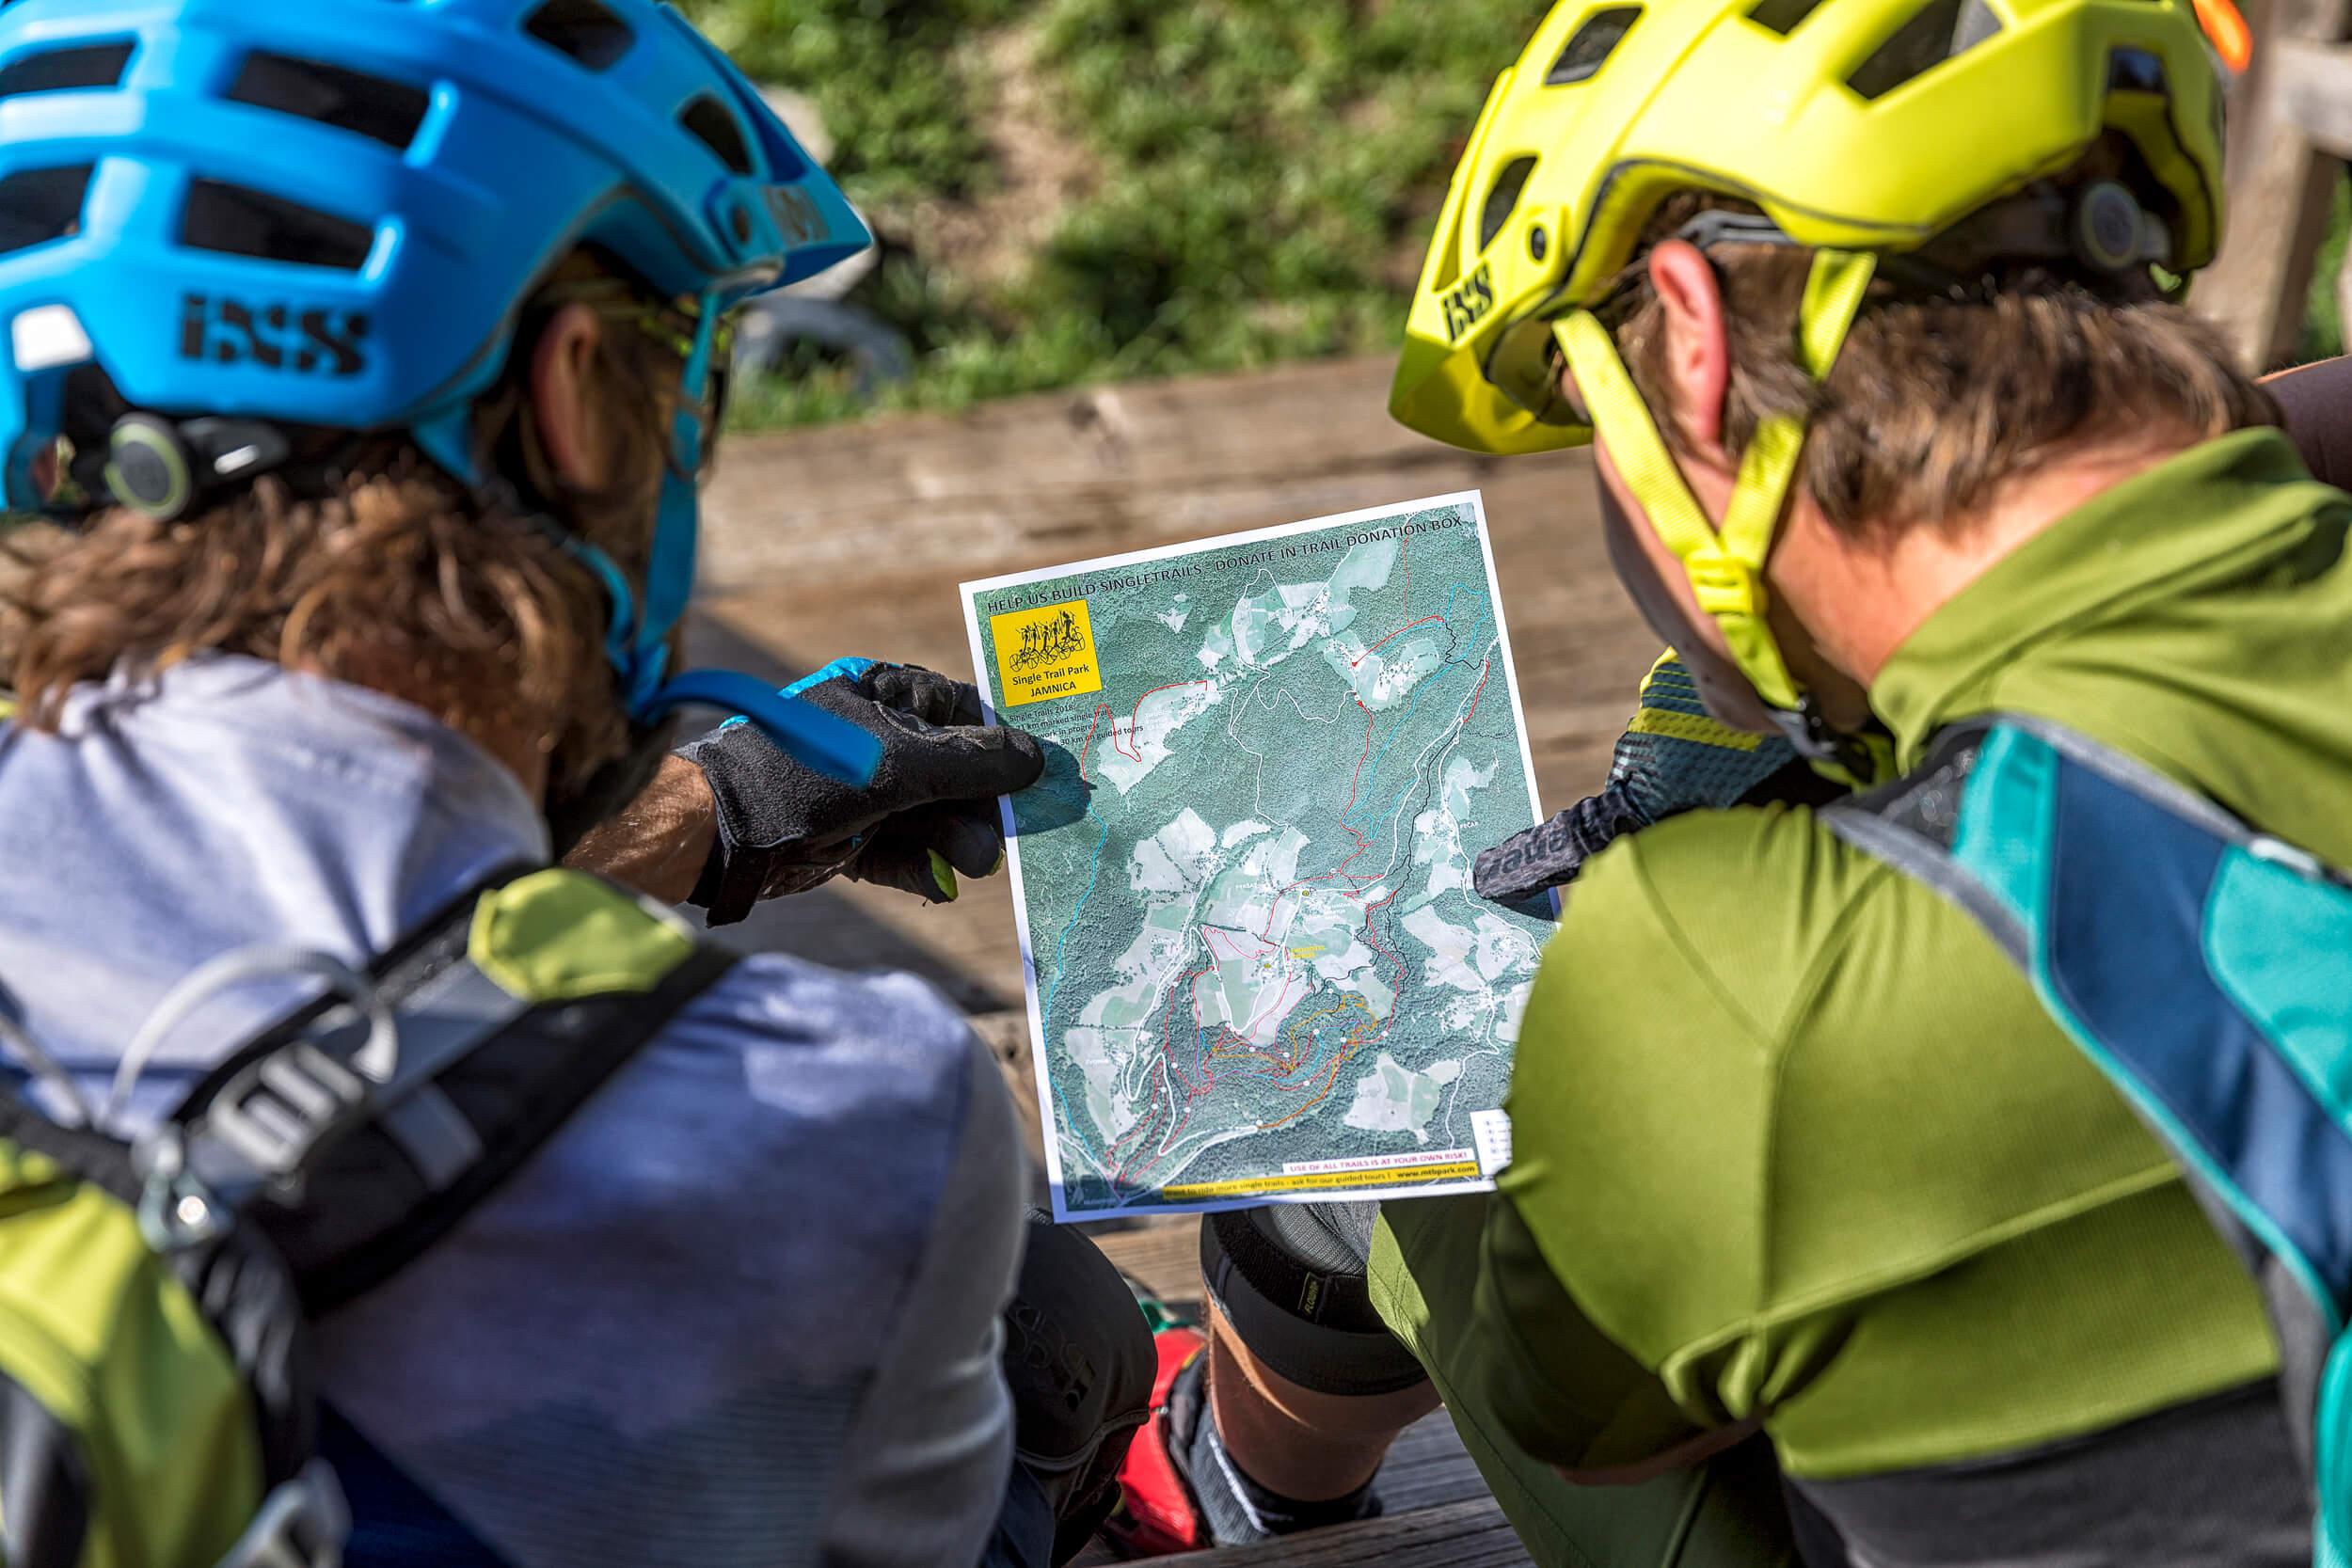 Biker-Rast mit Blick auf die Tourenkarte vom Trailpark Jamnica © WOM Medien